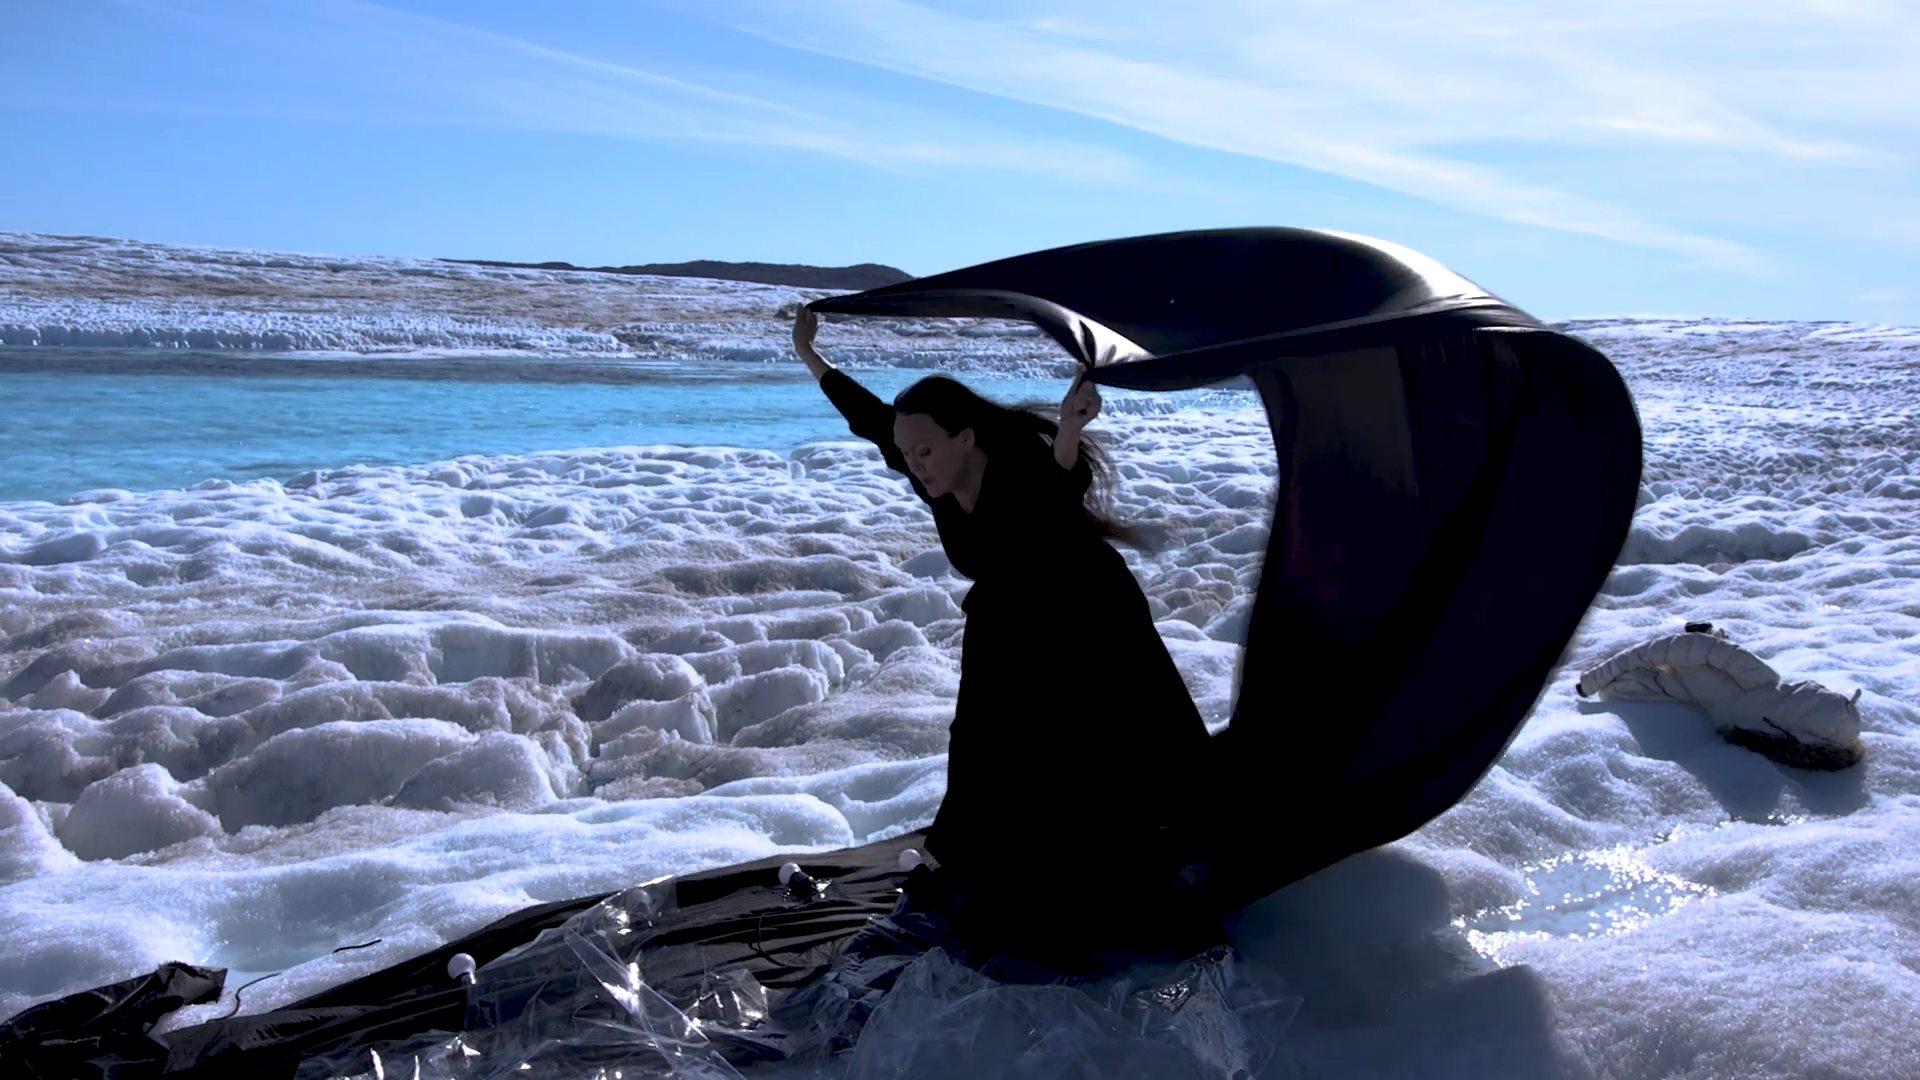 RECENSION: Grönland, toppen av ett isberg?